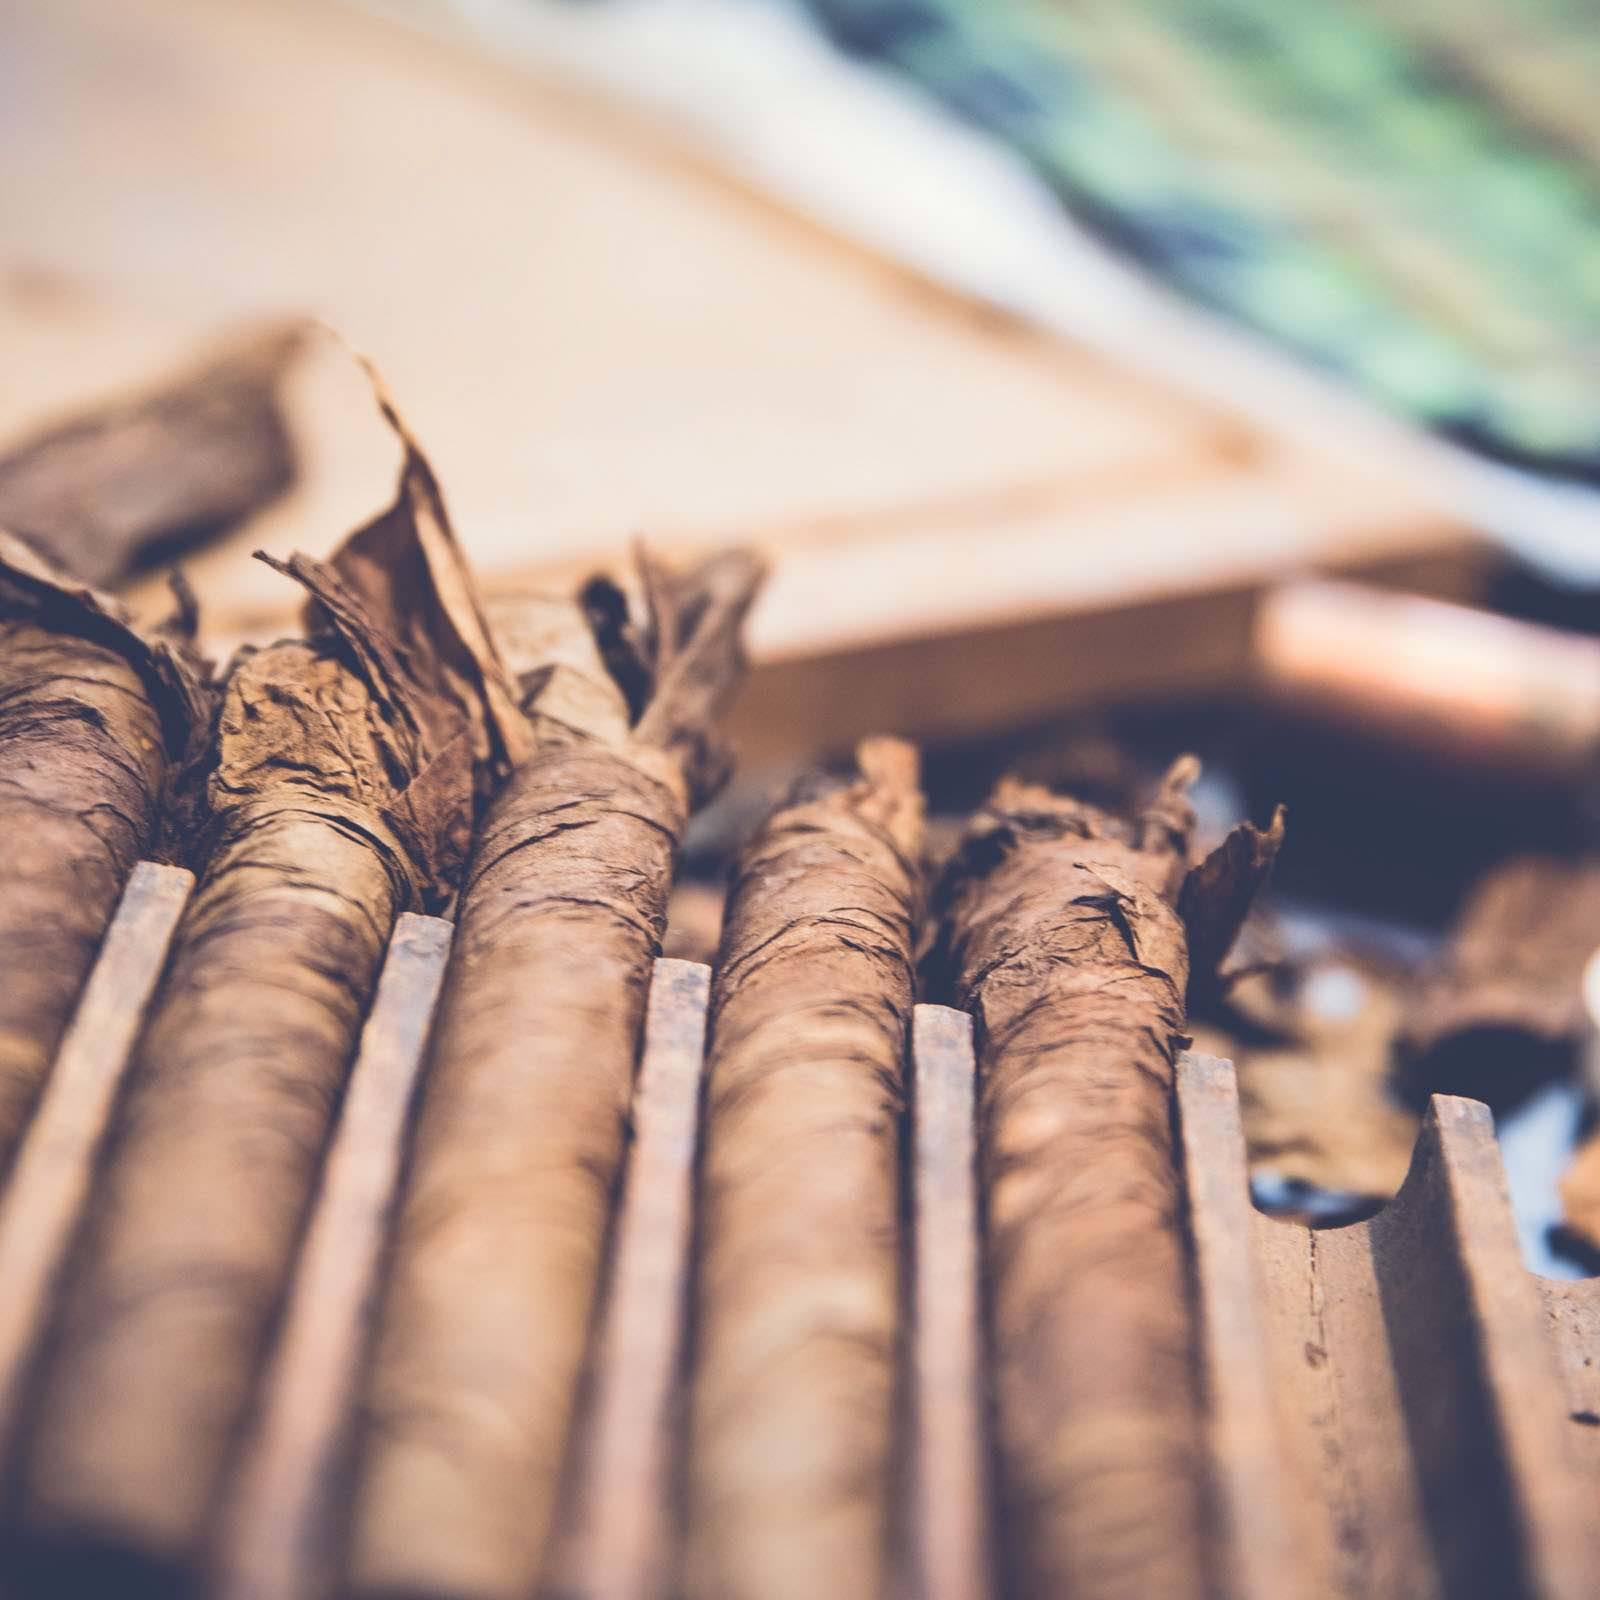 Zigarrendreher | Hamburg | Zigarren | Drehen | Zigarrenroller | Zigarrenrollerin | Zigarrendreherin | Mieten | Anfragen | Trocadero | Handgemacht | Zigarren | Shop | Geschenk | kaufen | Robusto | Corona | Torpedo | Banderole | Tabak